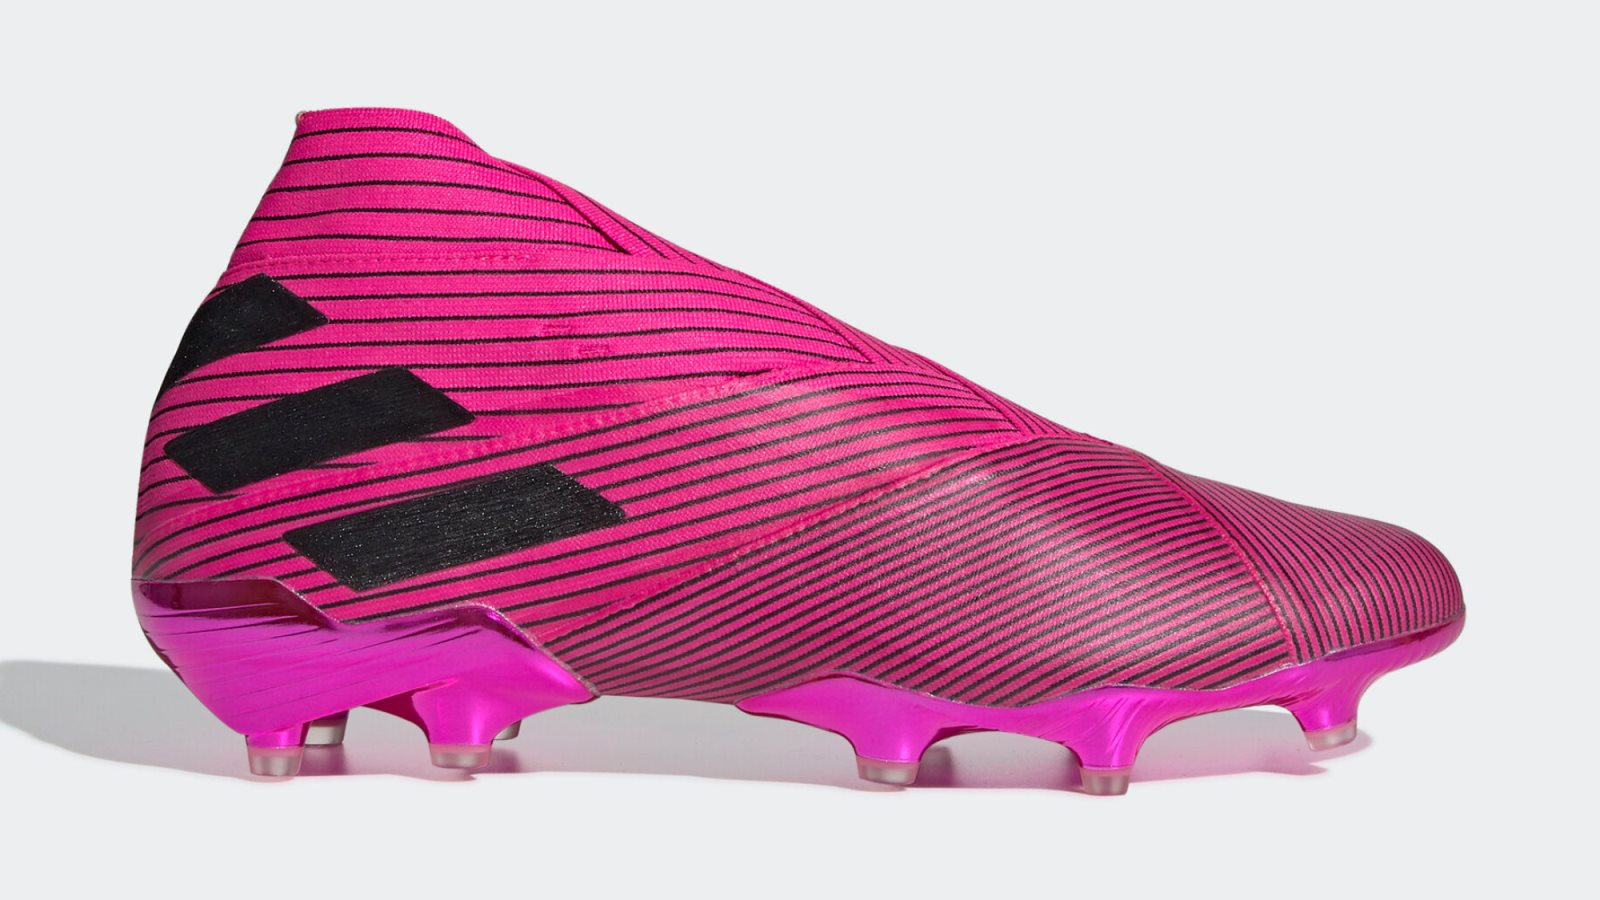 Chaussures Silva Bernardo Football Chaussures Football De De Silva Bernardo Chaussures De rtQCdxhBs